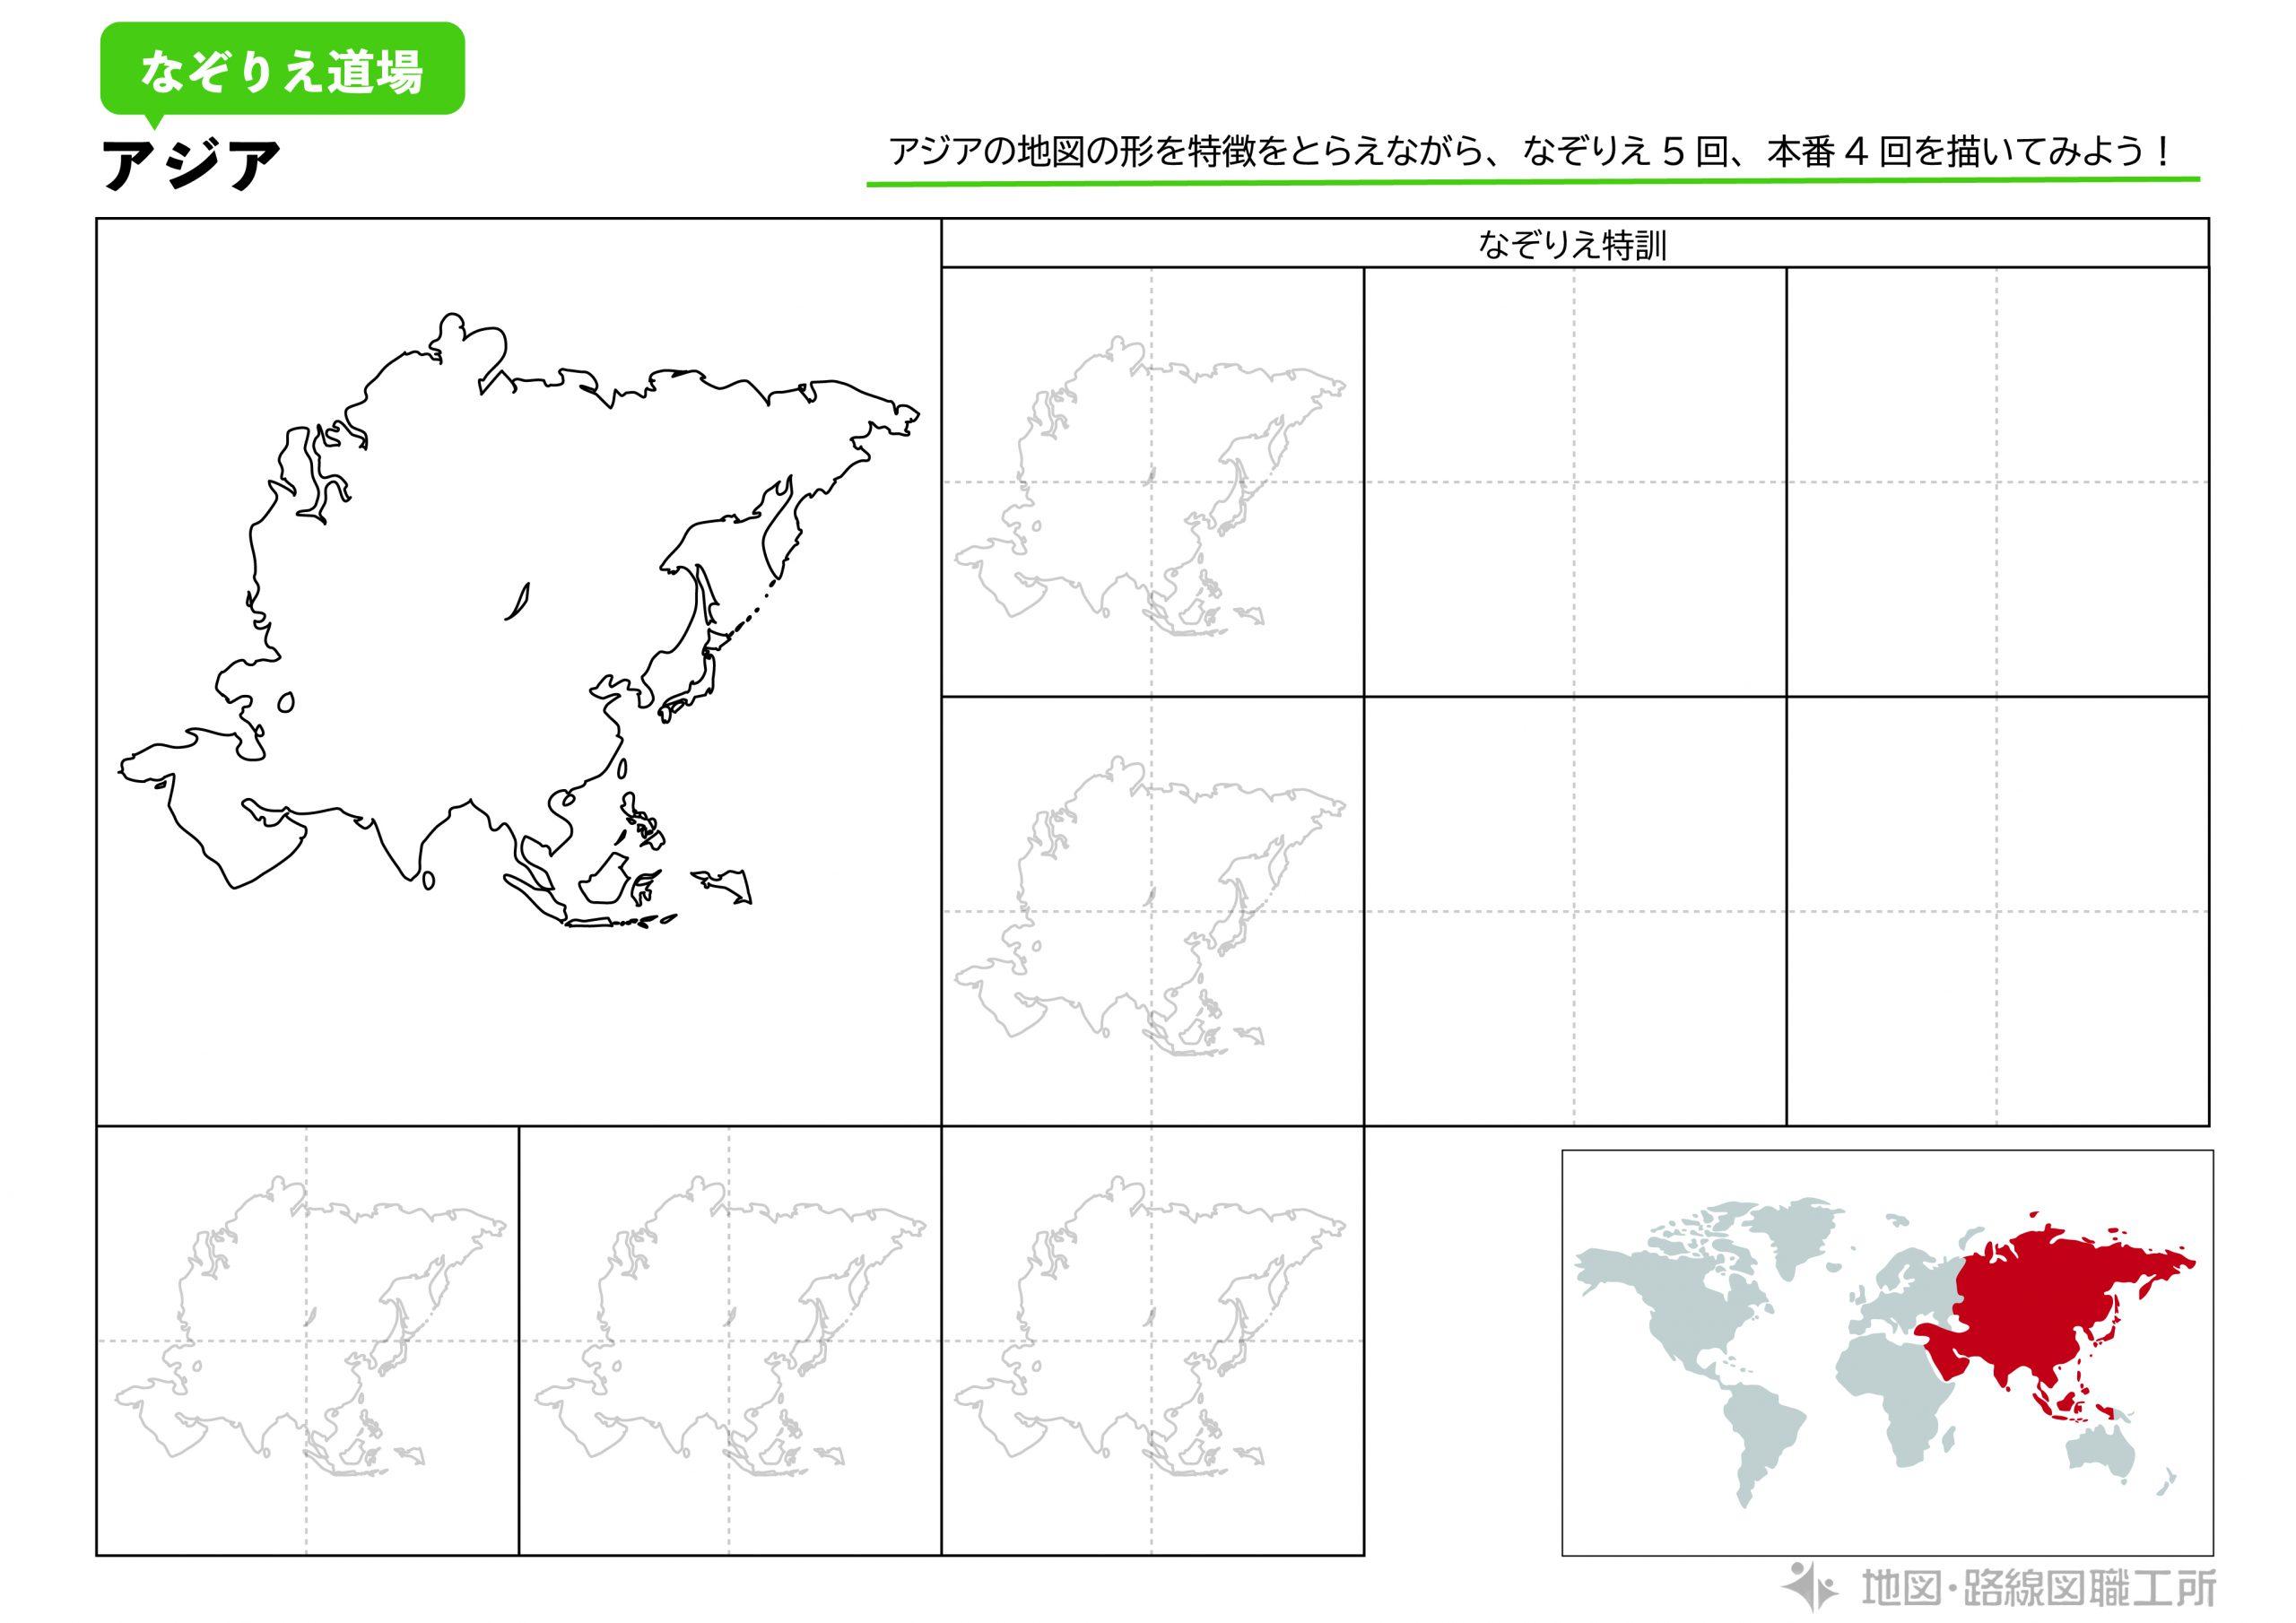 【なぞりえ道場】アジア地域 パターン1